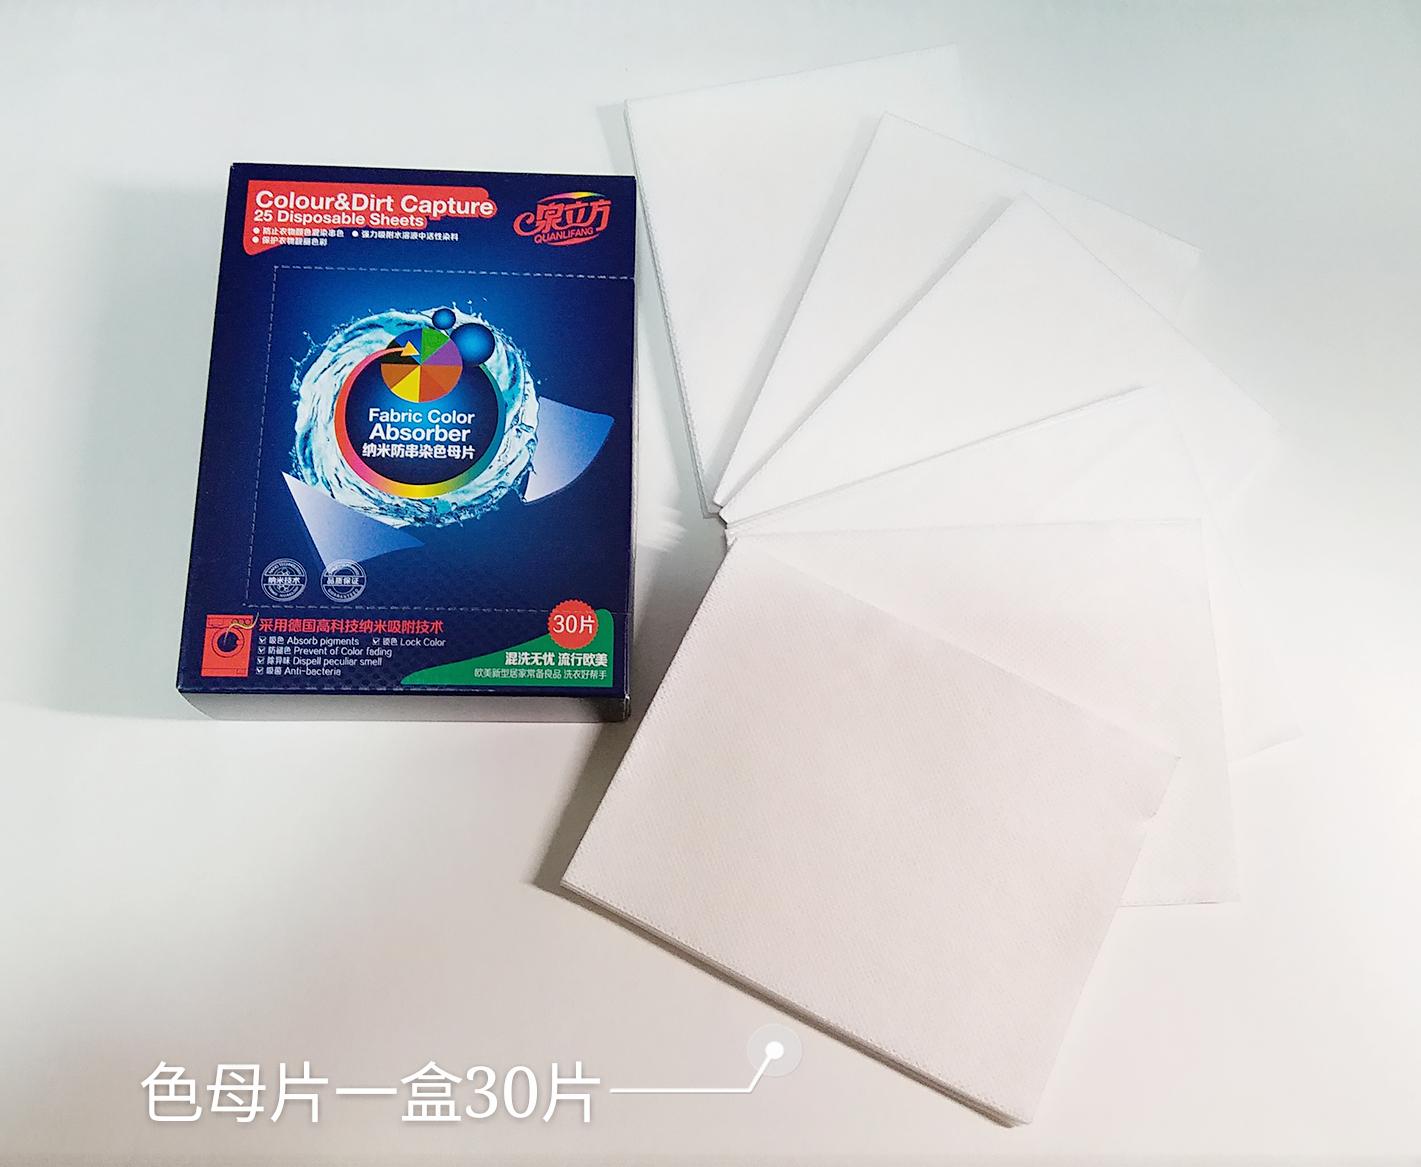 泉立方洗衣片 色母片套装超浓缩去污不含荧光剂防串染正品包邮_7折